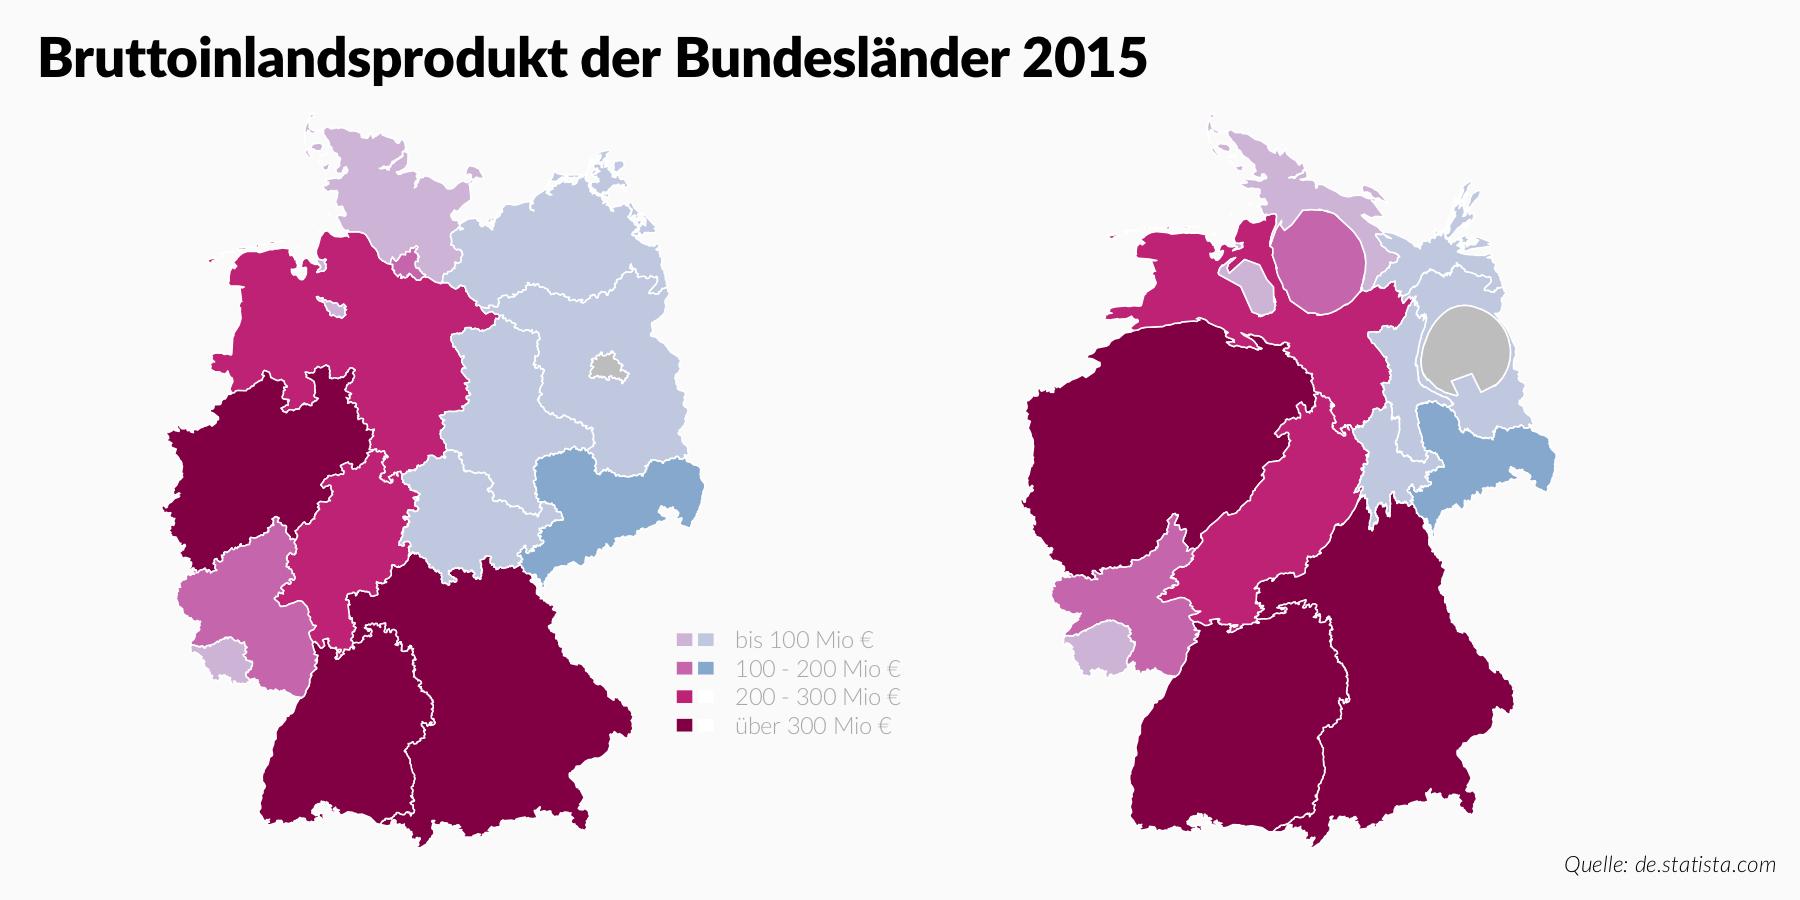 karten_deutschland_cartogram_1x2